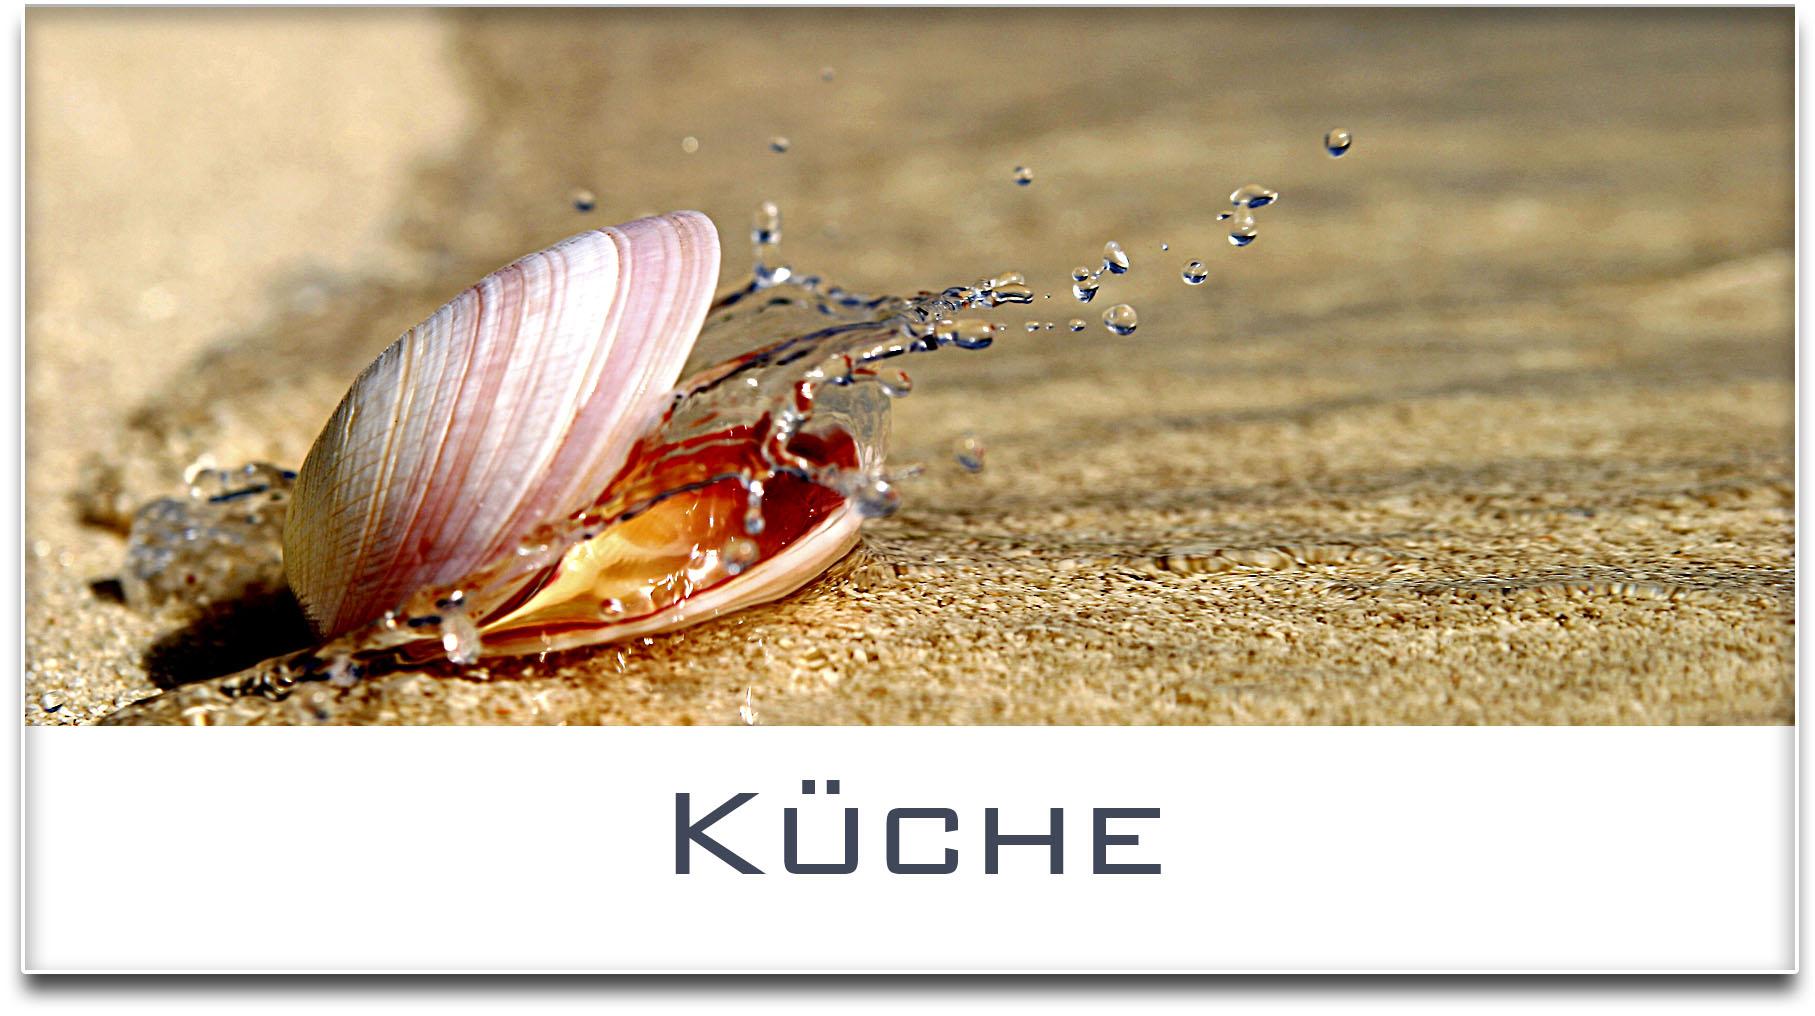 Türschild / Haustürschild / Muschel / Küche / Selbstklebend